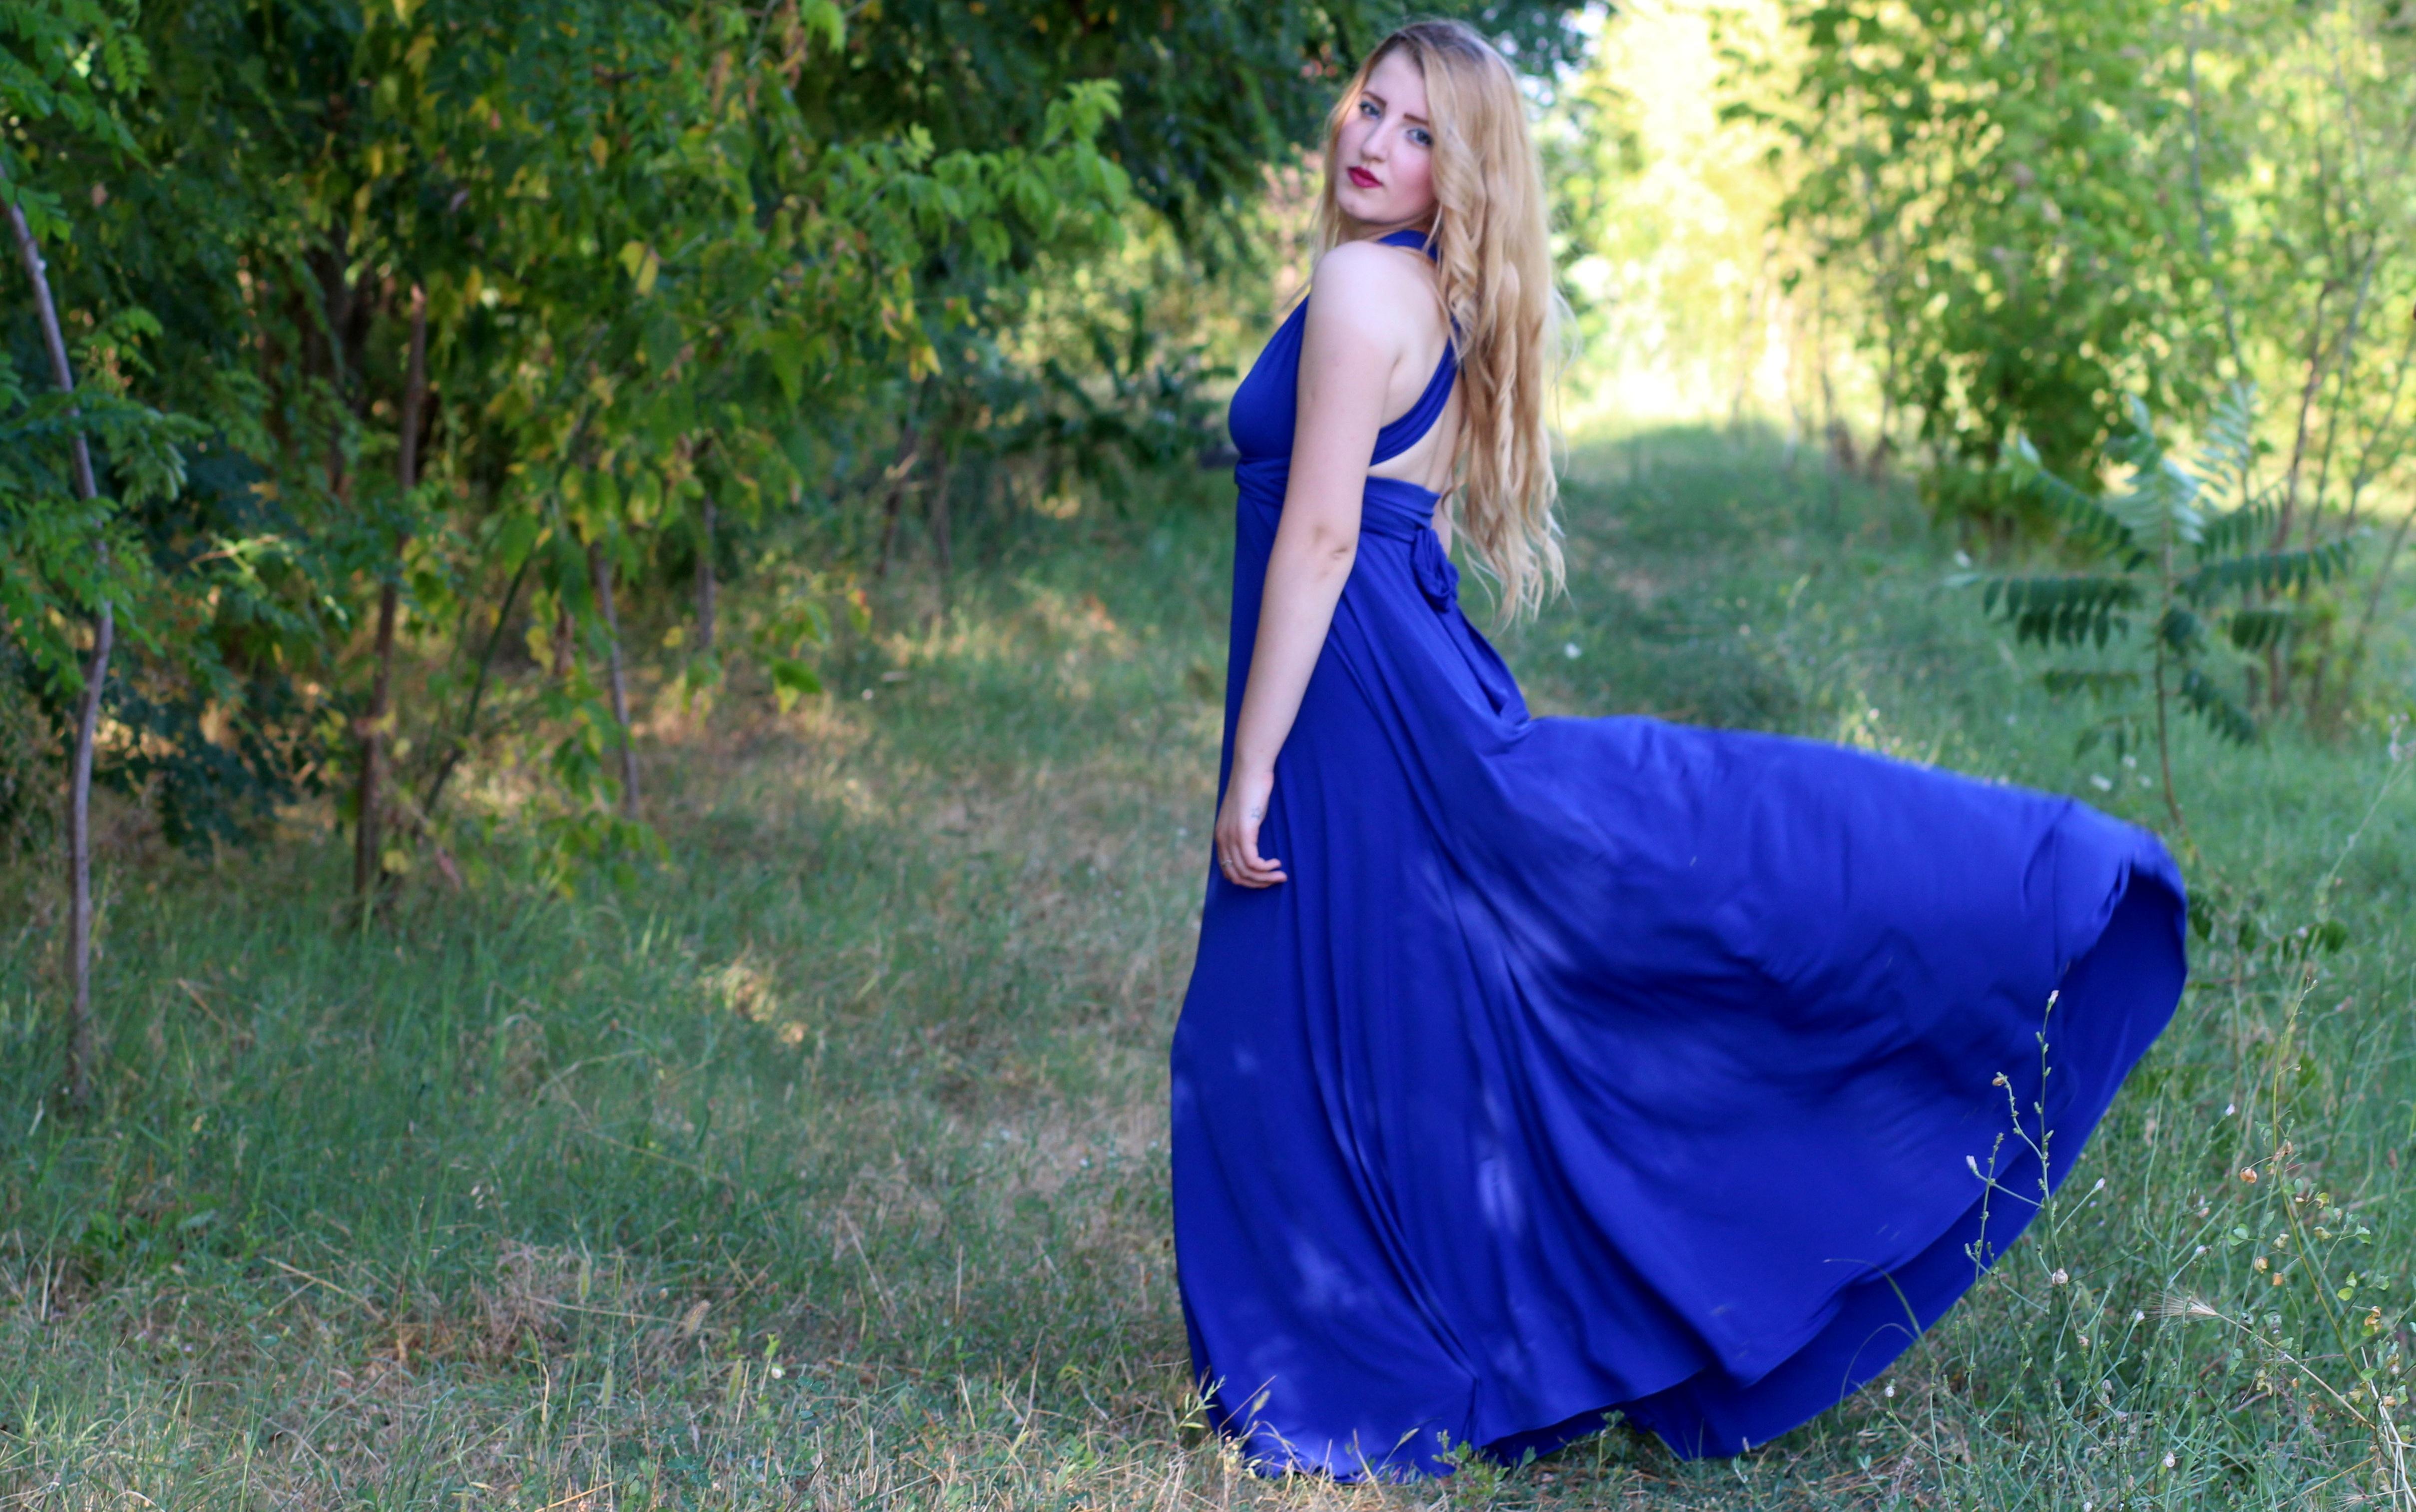 Kostenlose foto : Mädchen, Fotografie, blau, Kleidung ...